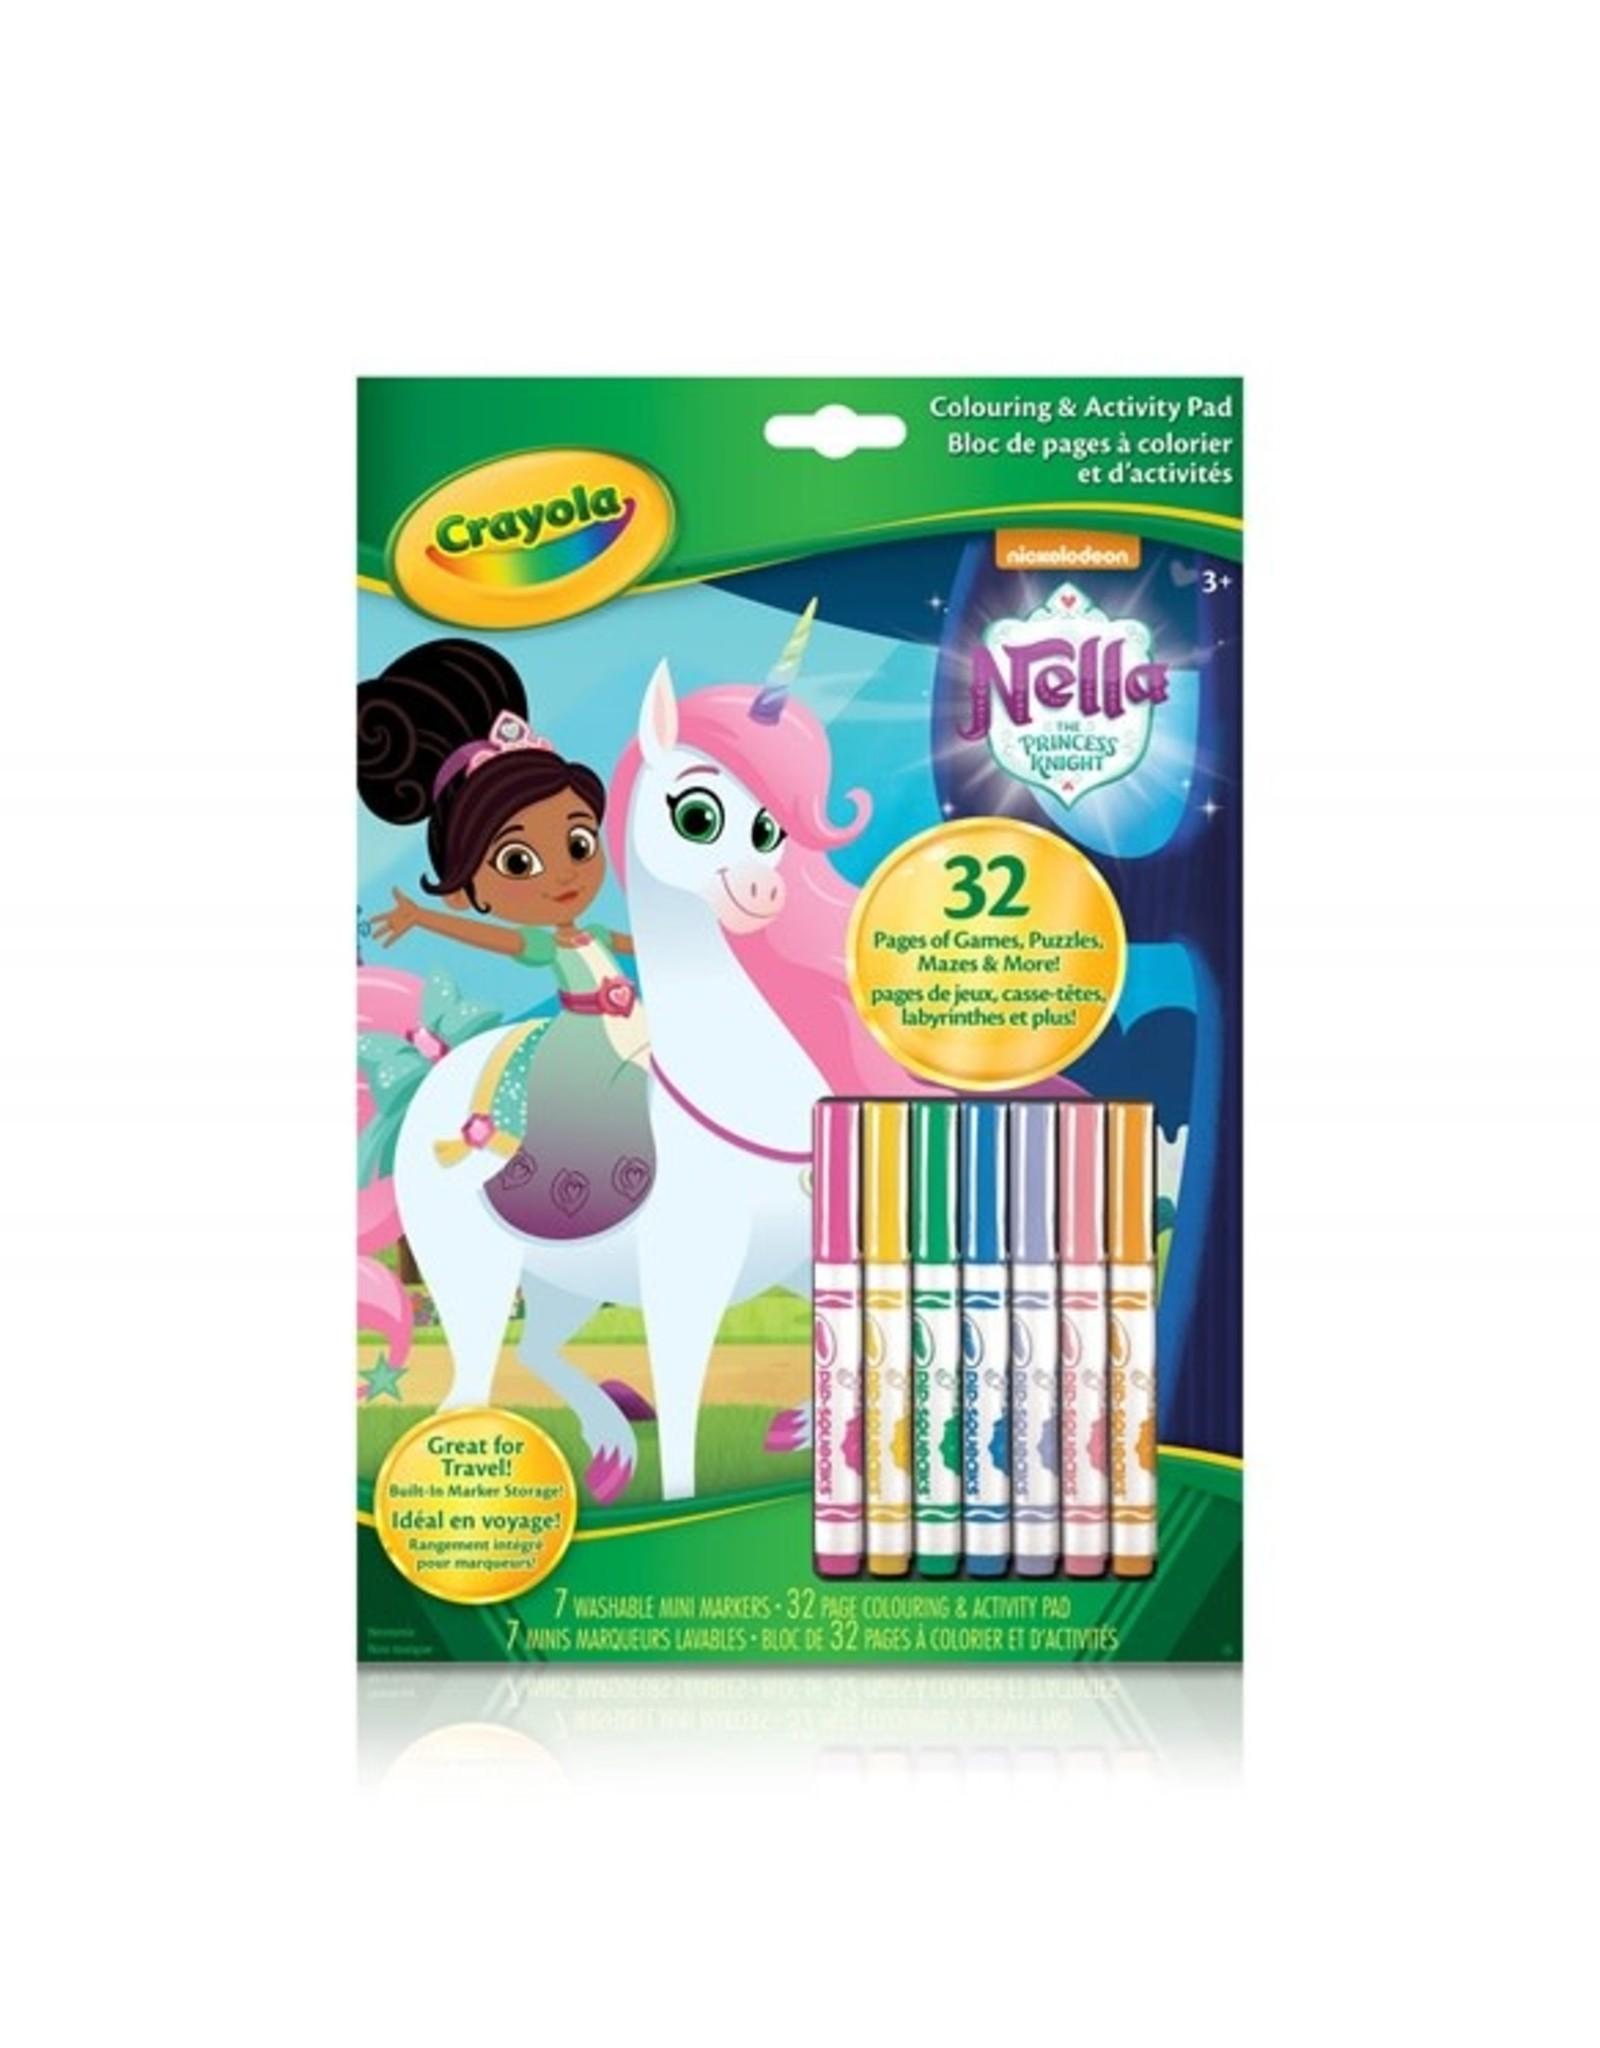 Crayola Nella - CA 7 mrkr